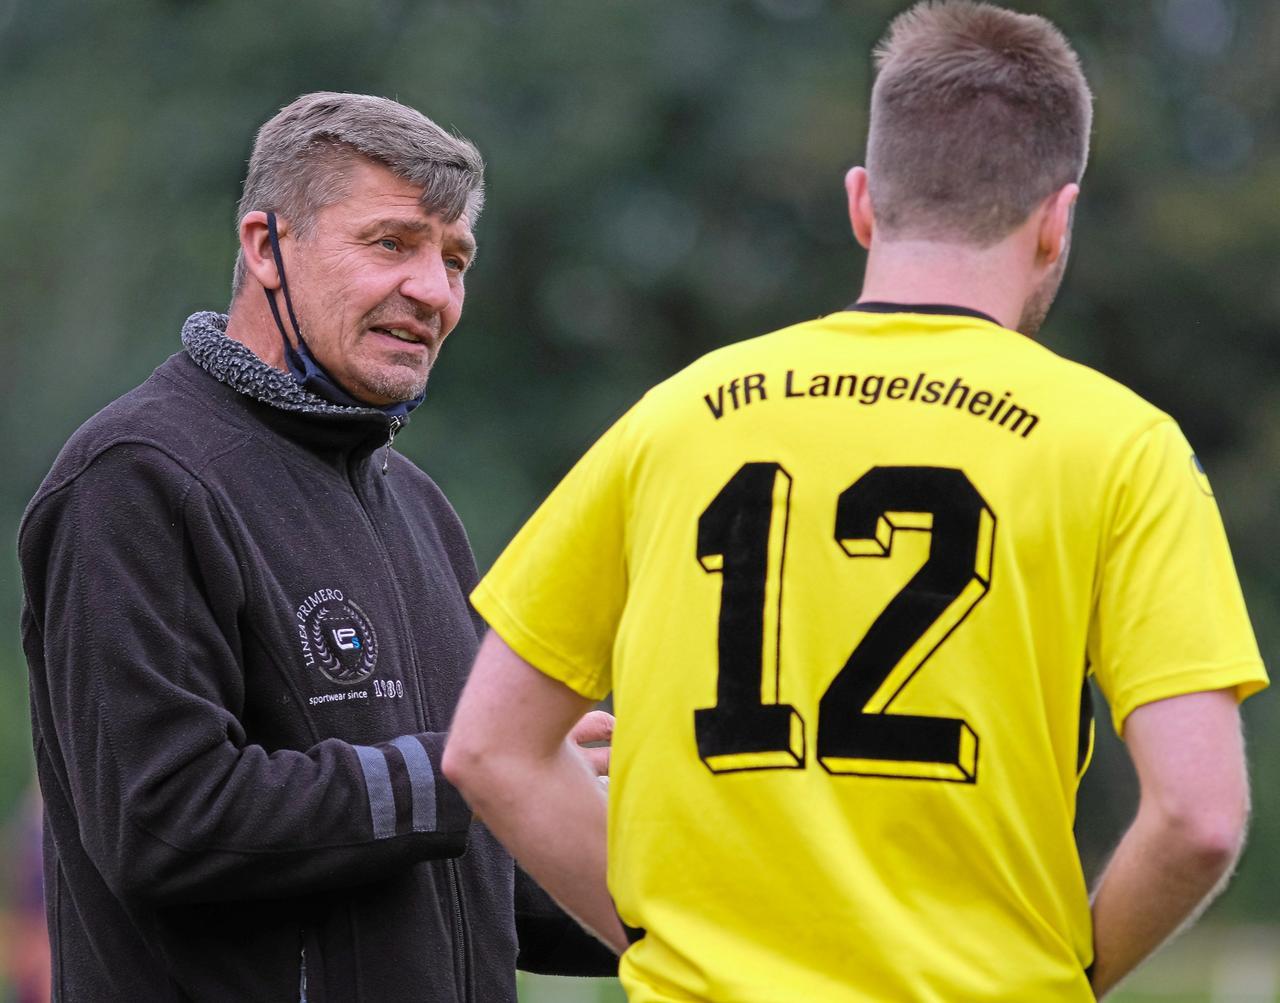 VfR Langelsheim klärt Trainerfrage